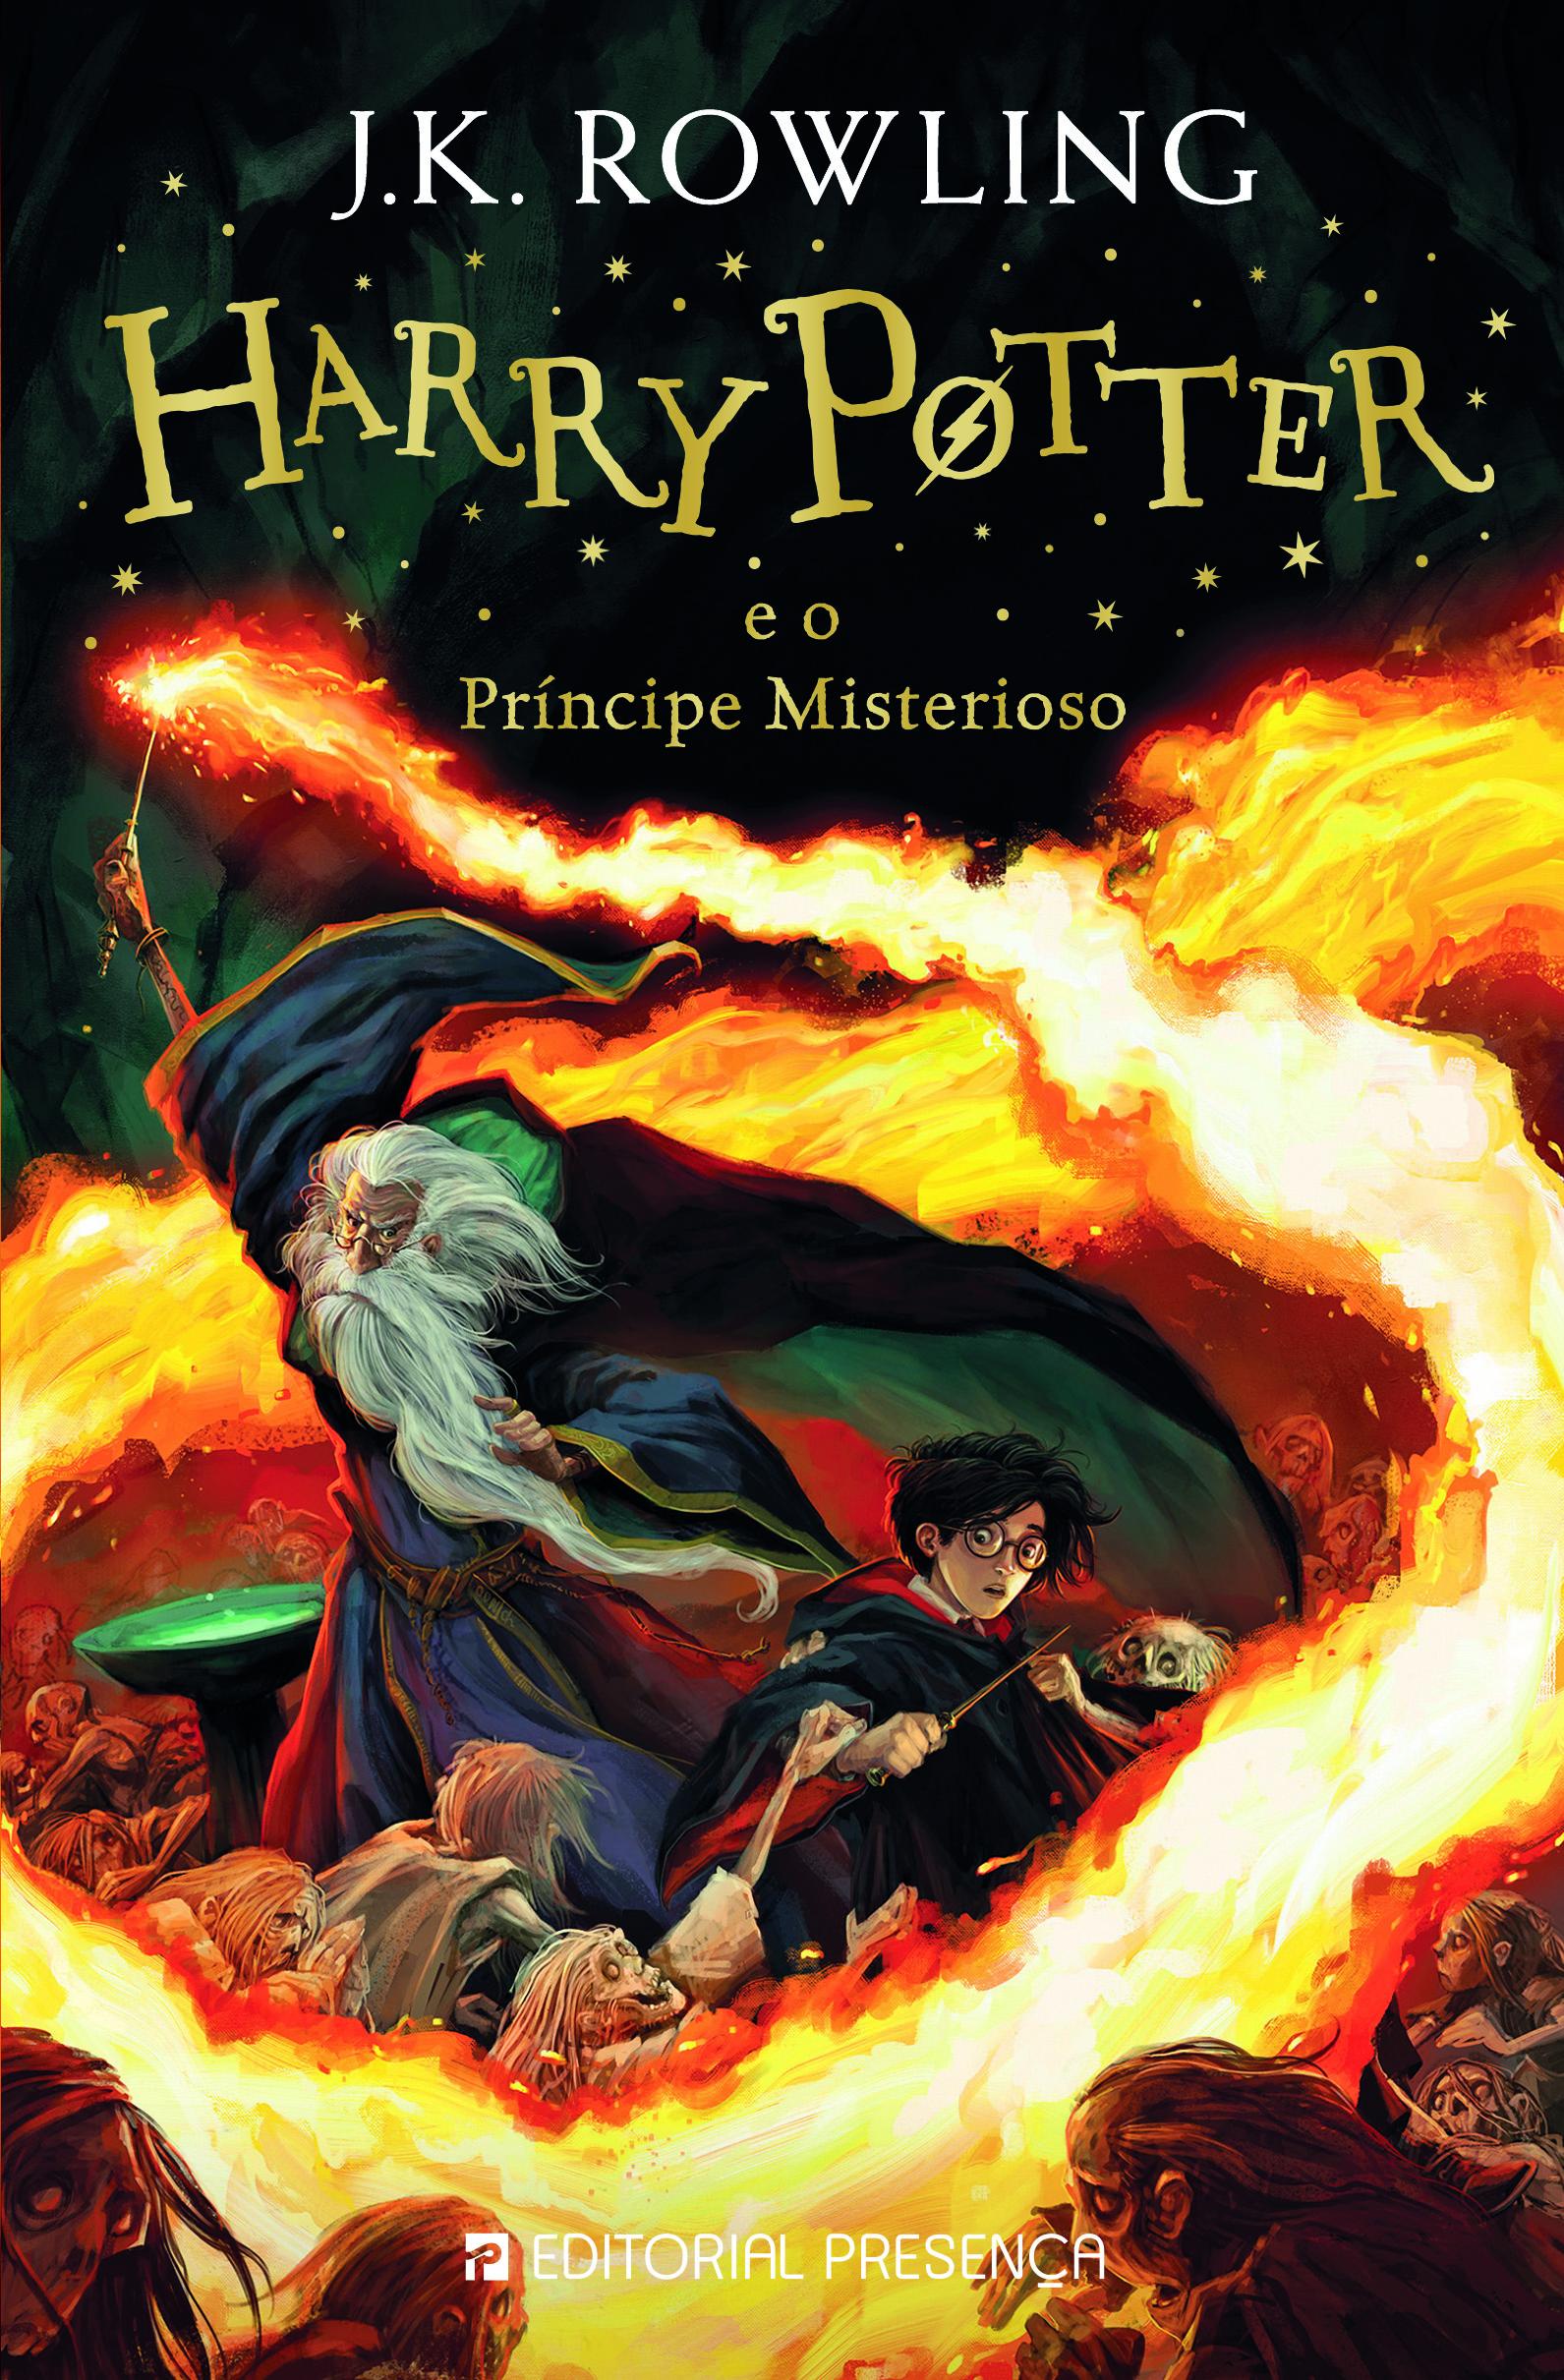 Harry Potter e o Príncipe Misterioso de J. K. Rowling